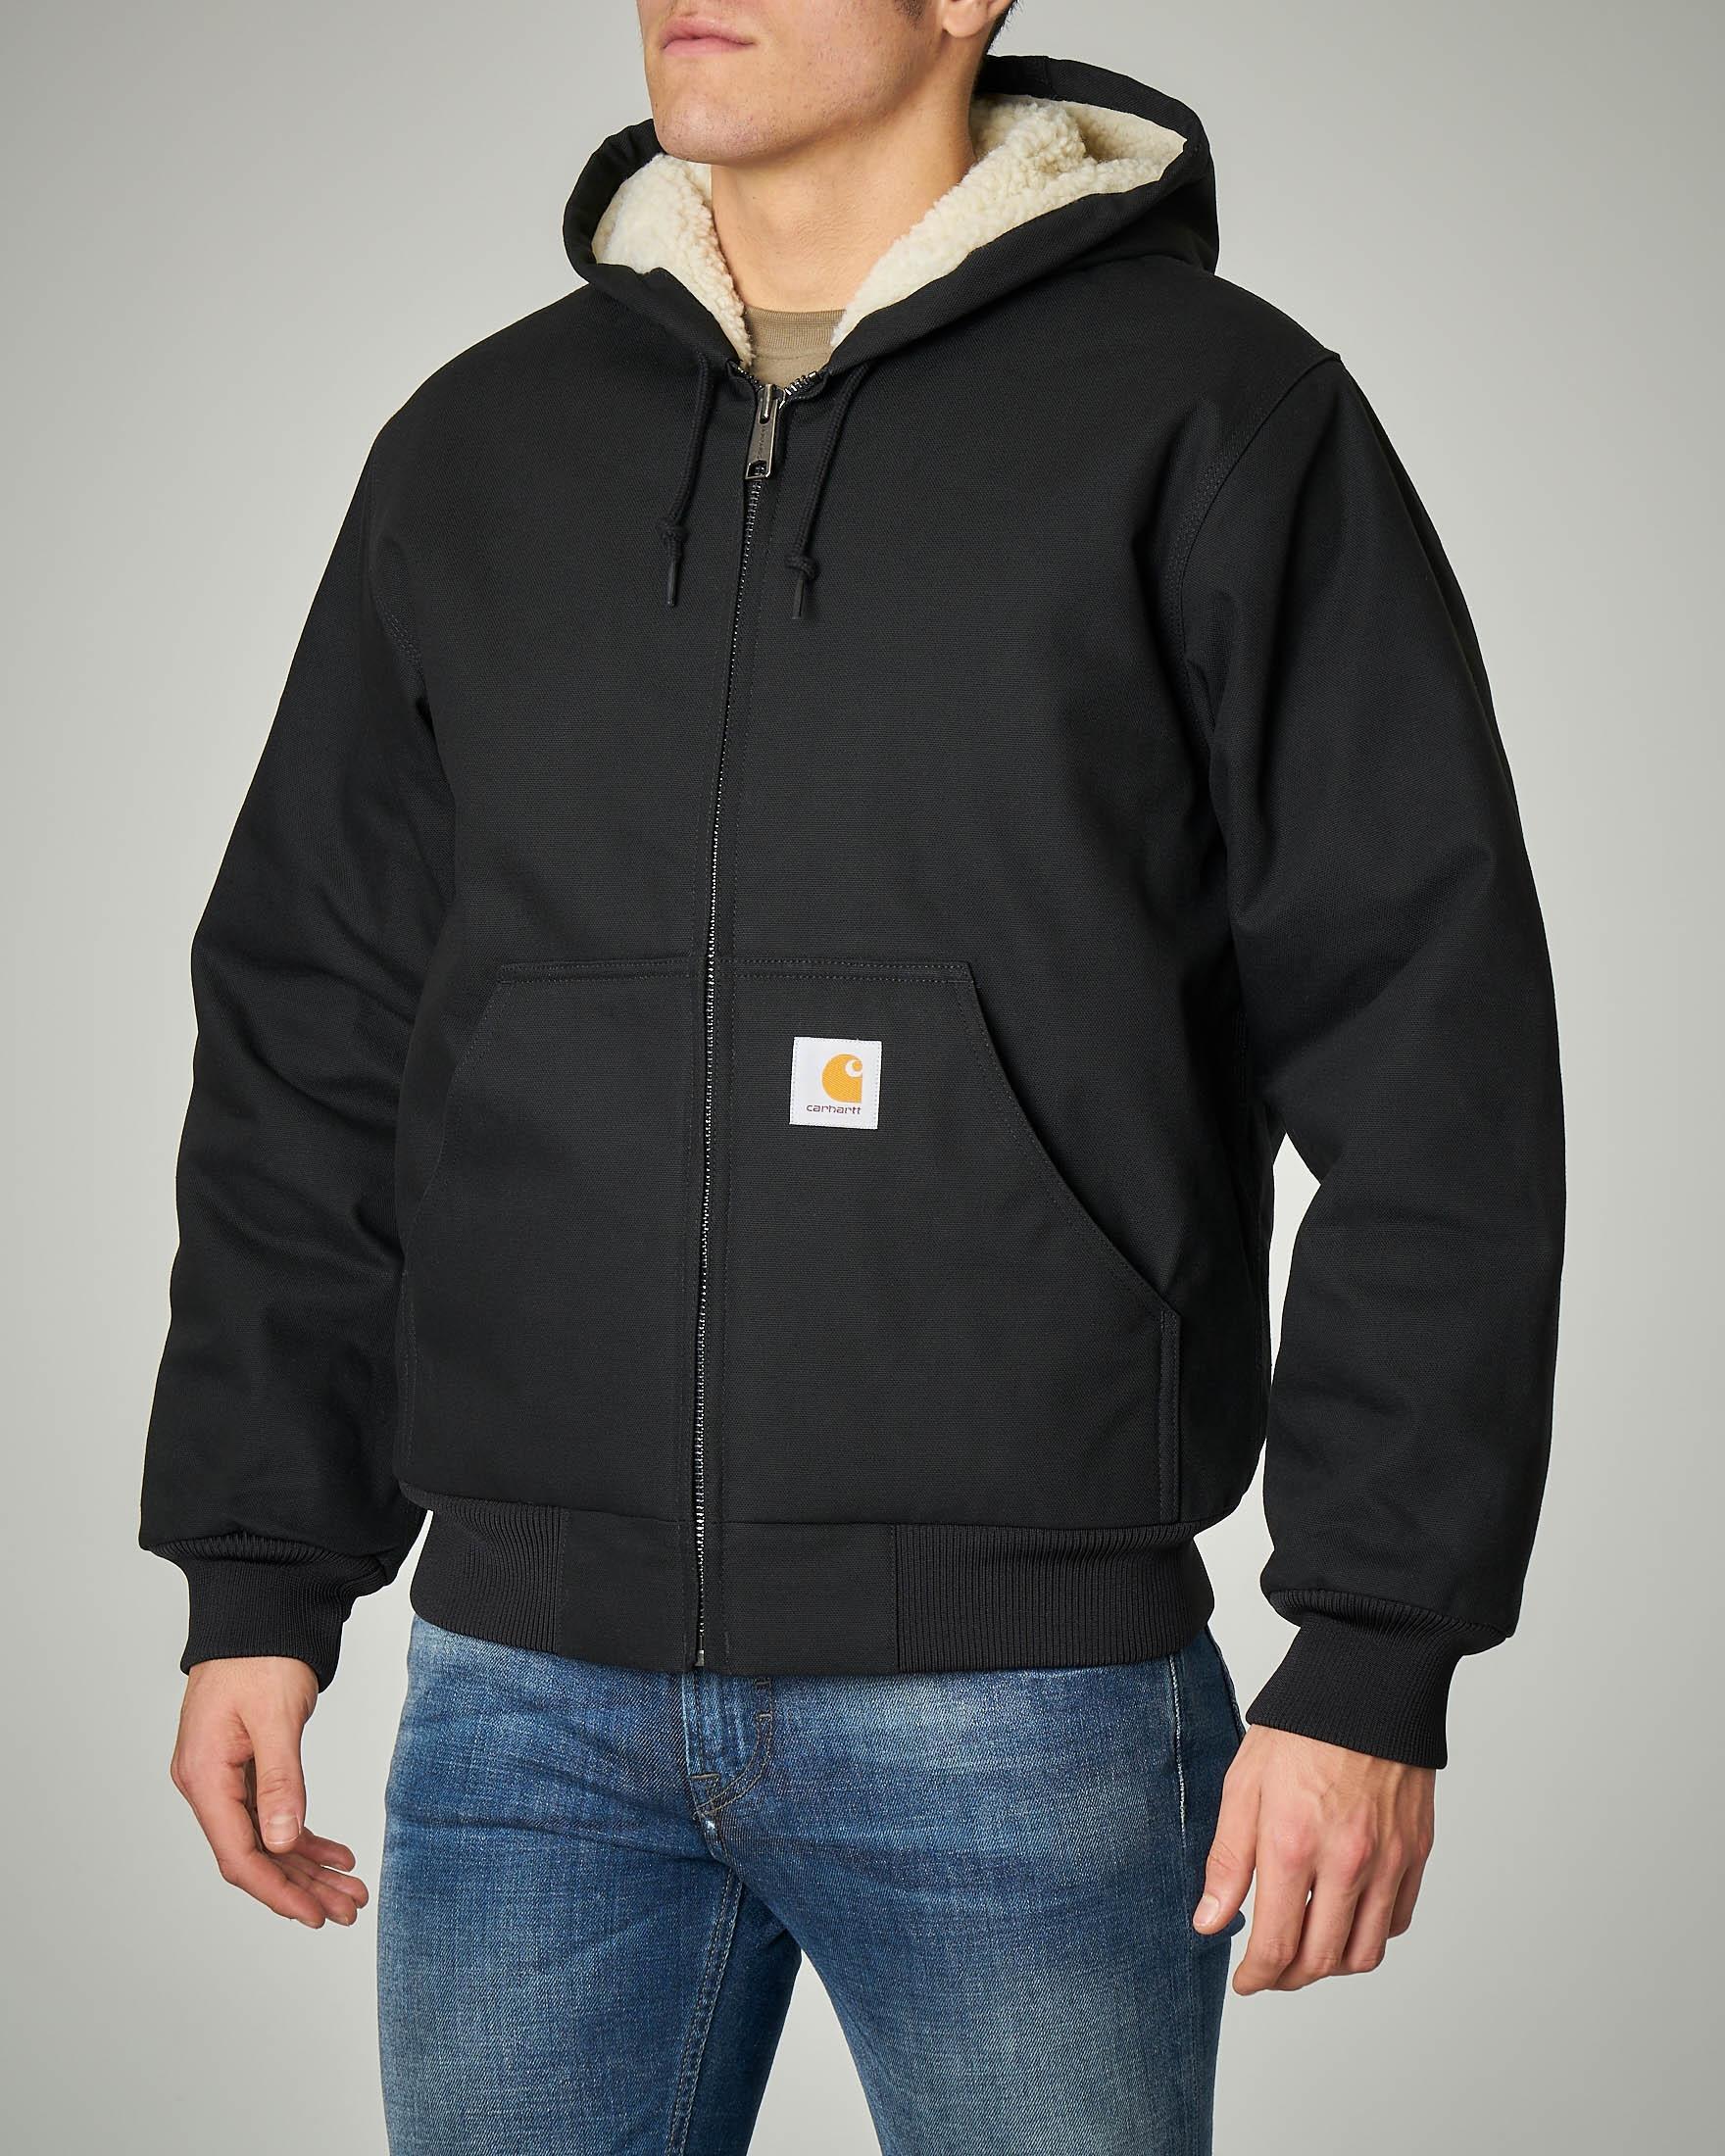 Active pile Jacket nera